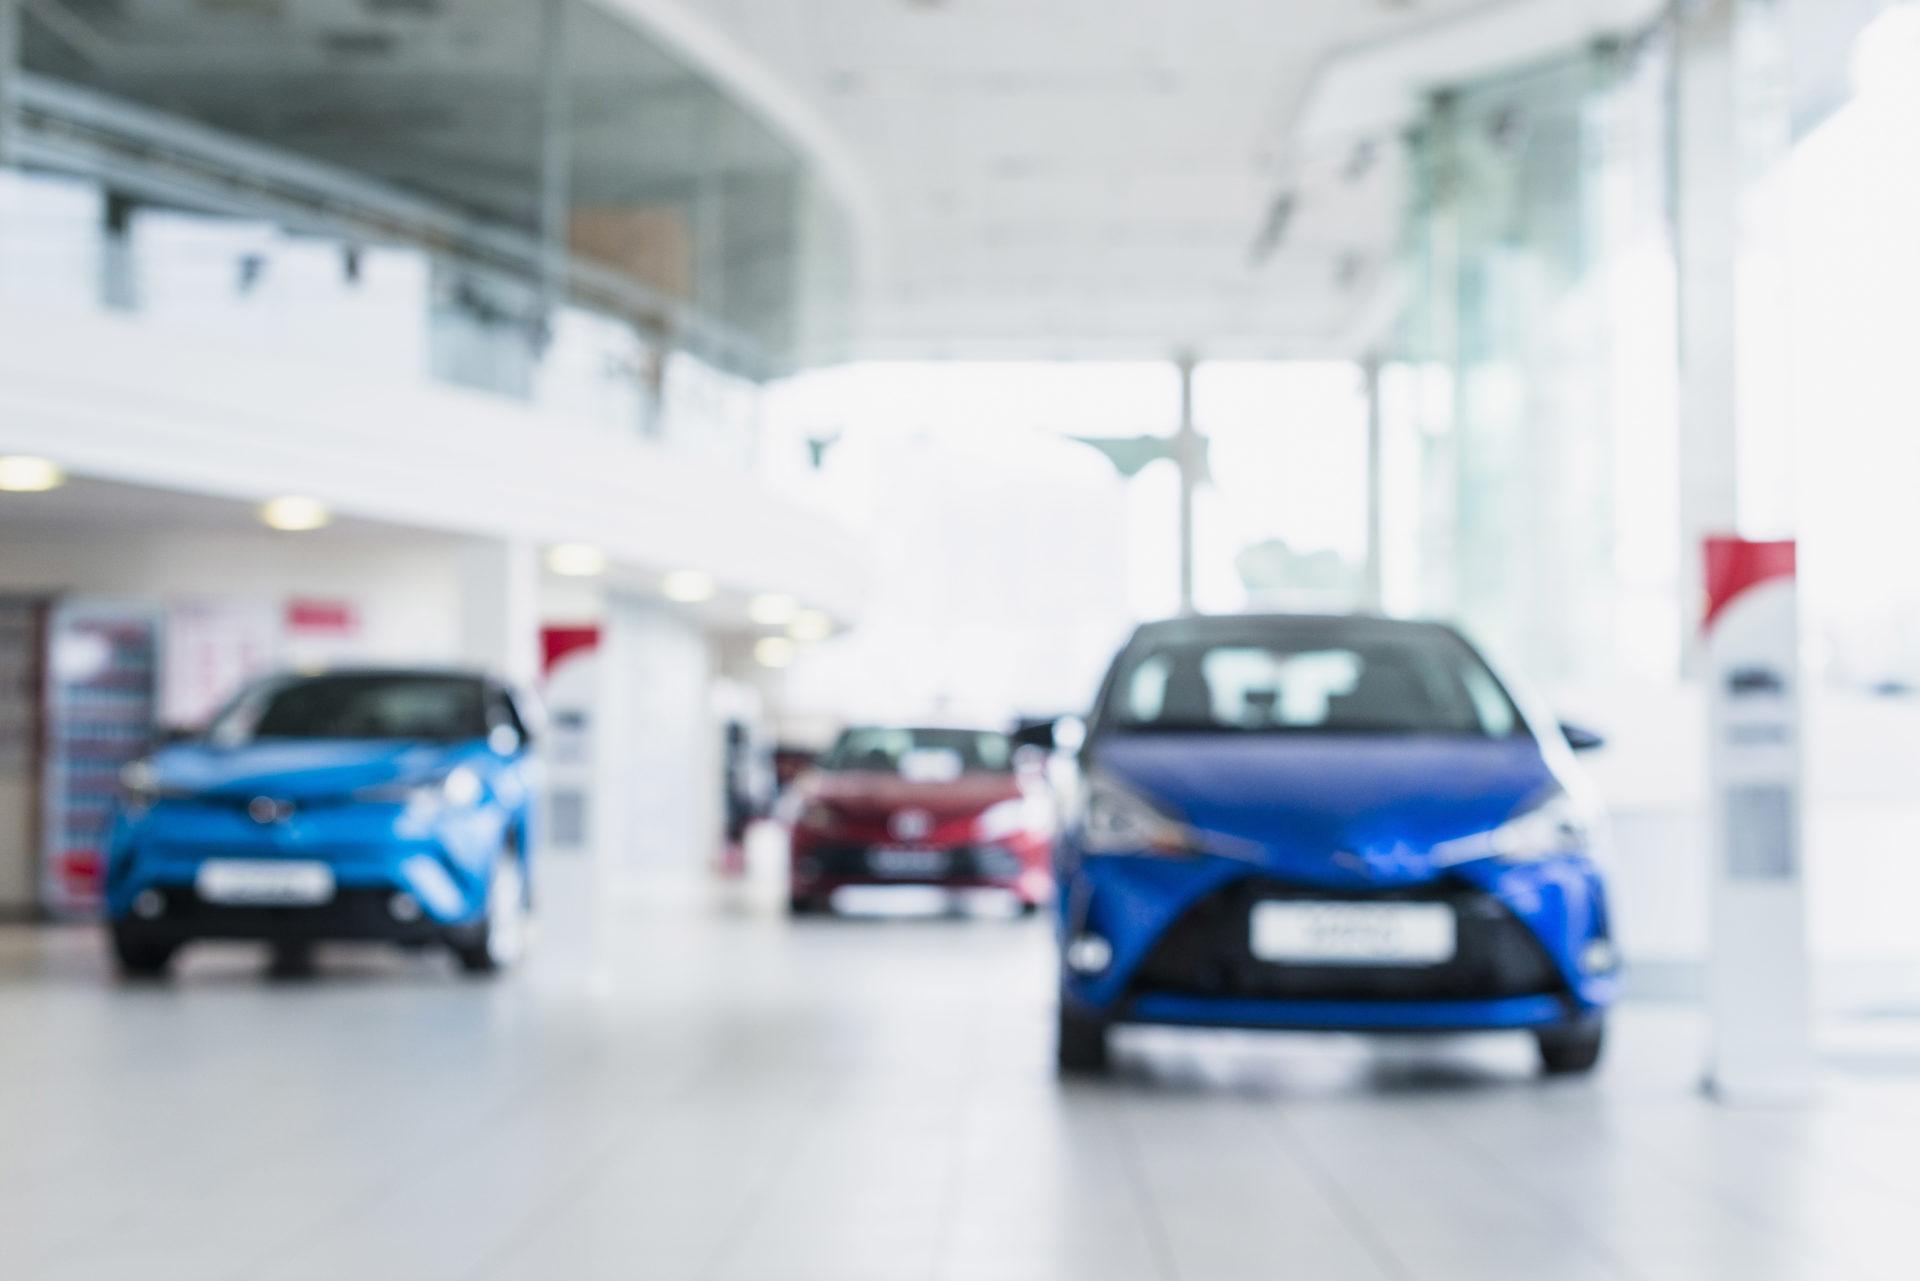 Réouverture des commerces non essentiels : Qu'en est-il pour les concessions automobiles ?